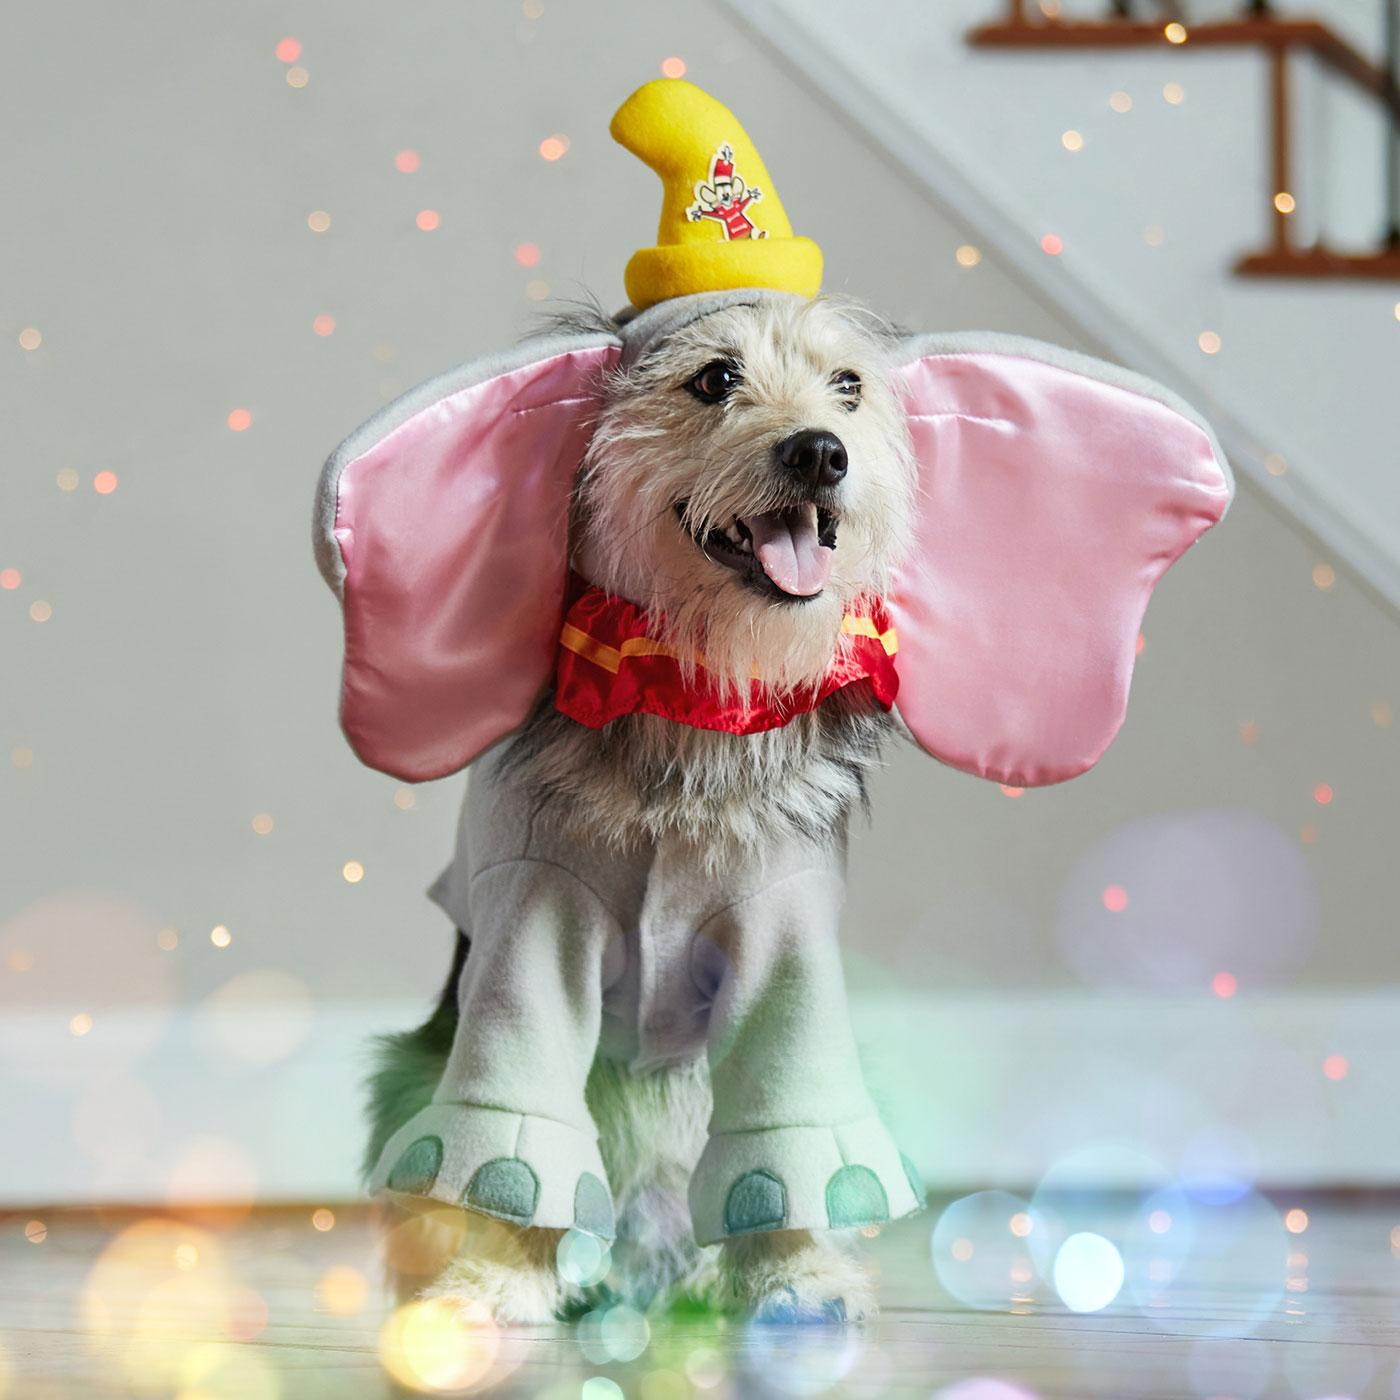 diesny dog costumes - dumbo